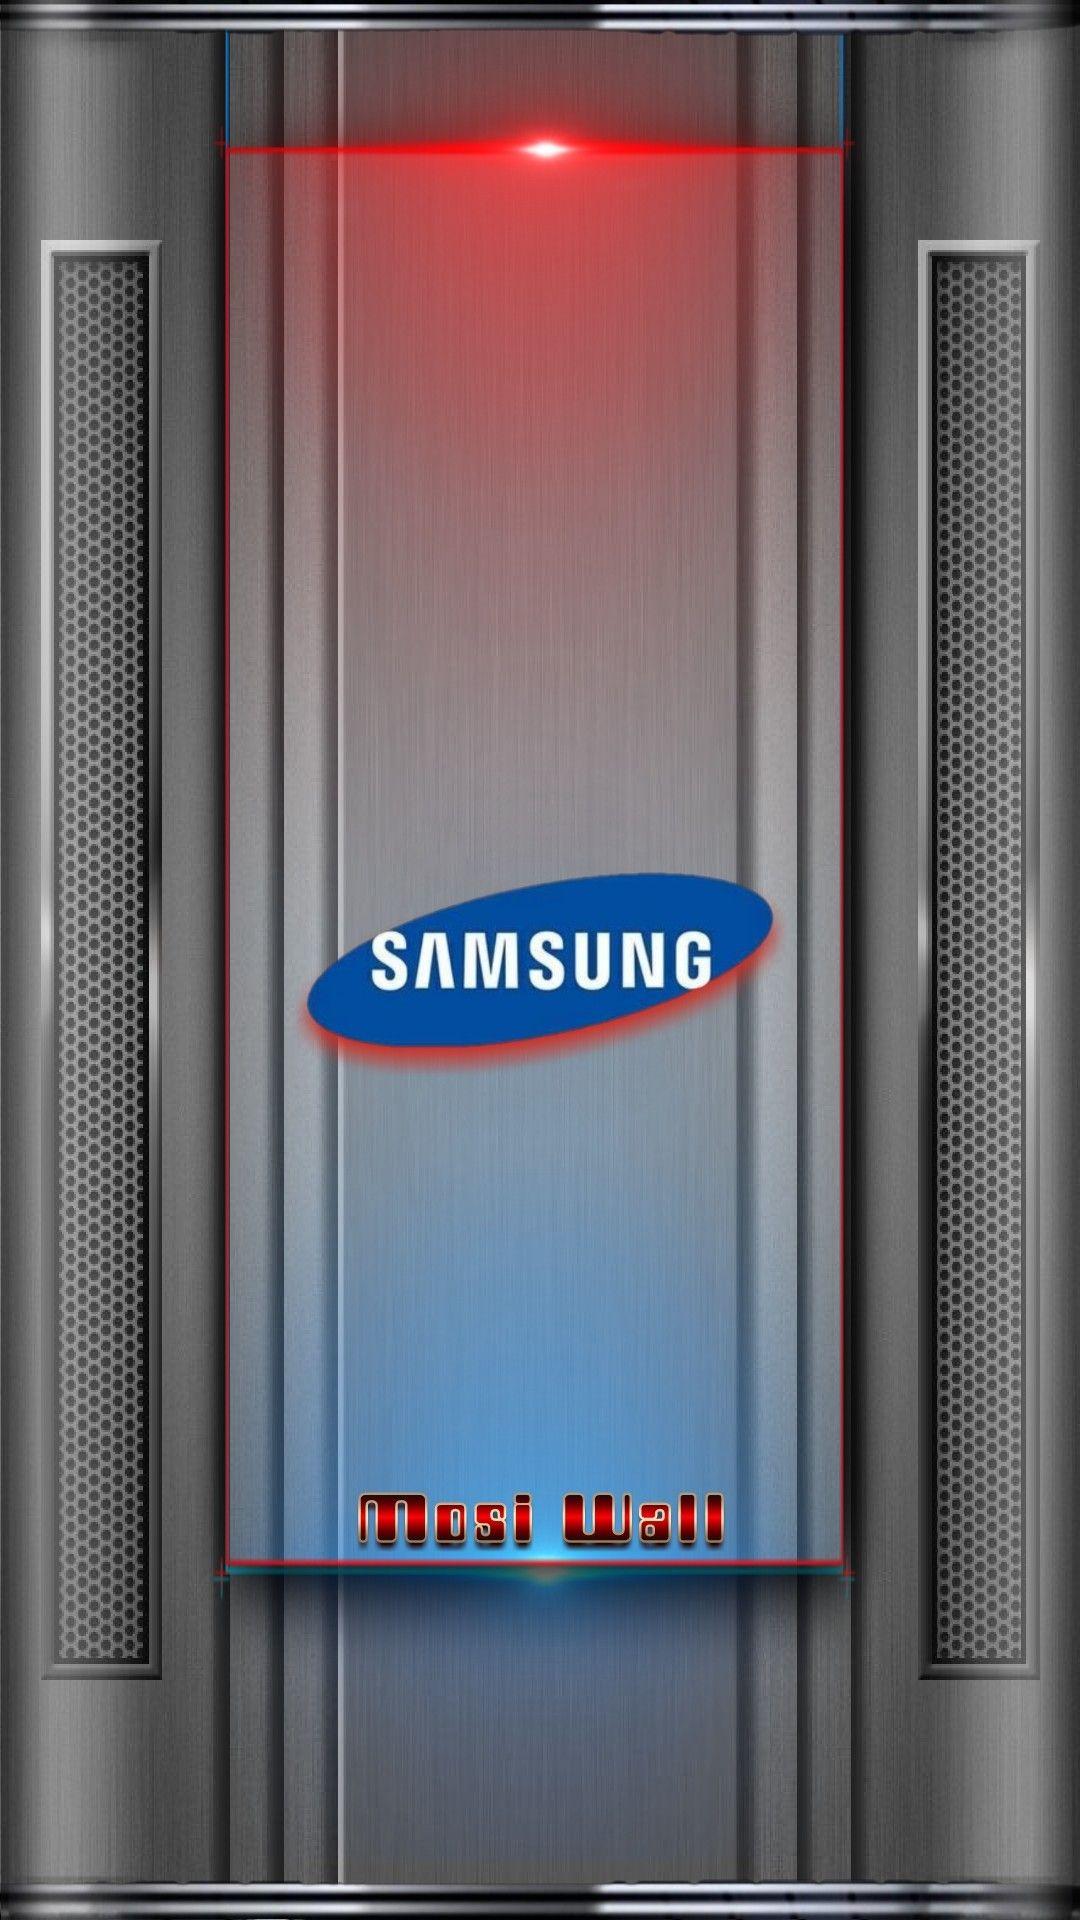 Samsung Mosi Wallpaper Vip Pin Mosiwall Samsung Wallpaper Phone Screen Wallpaper Abstract Iphone Wallpaper